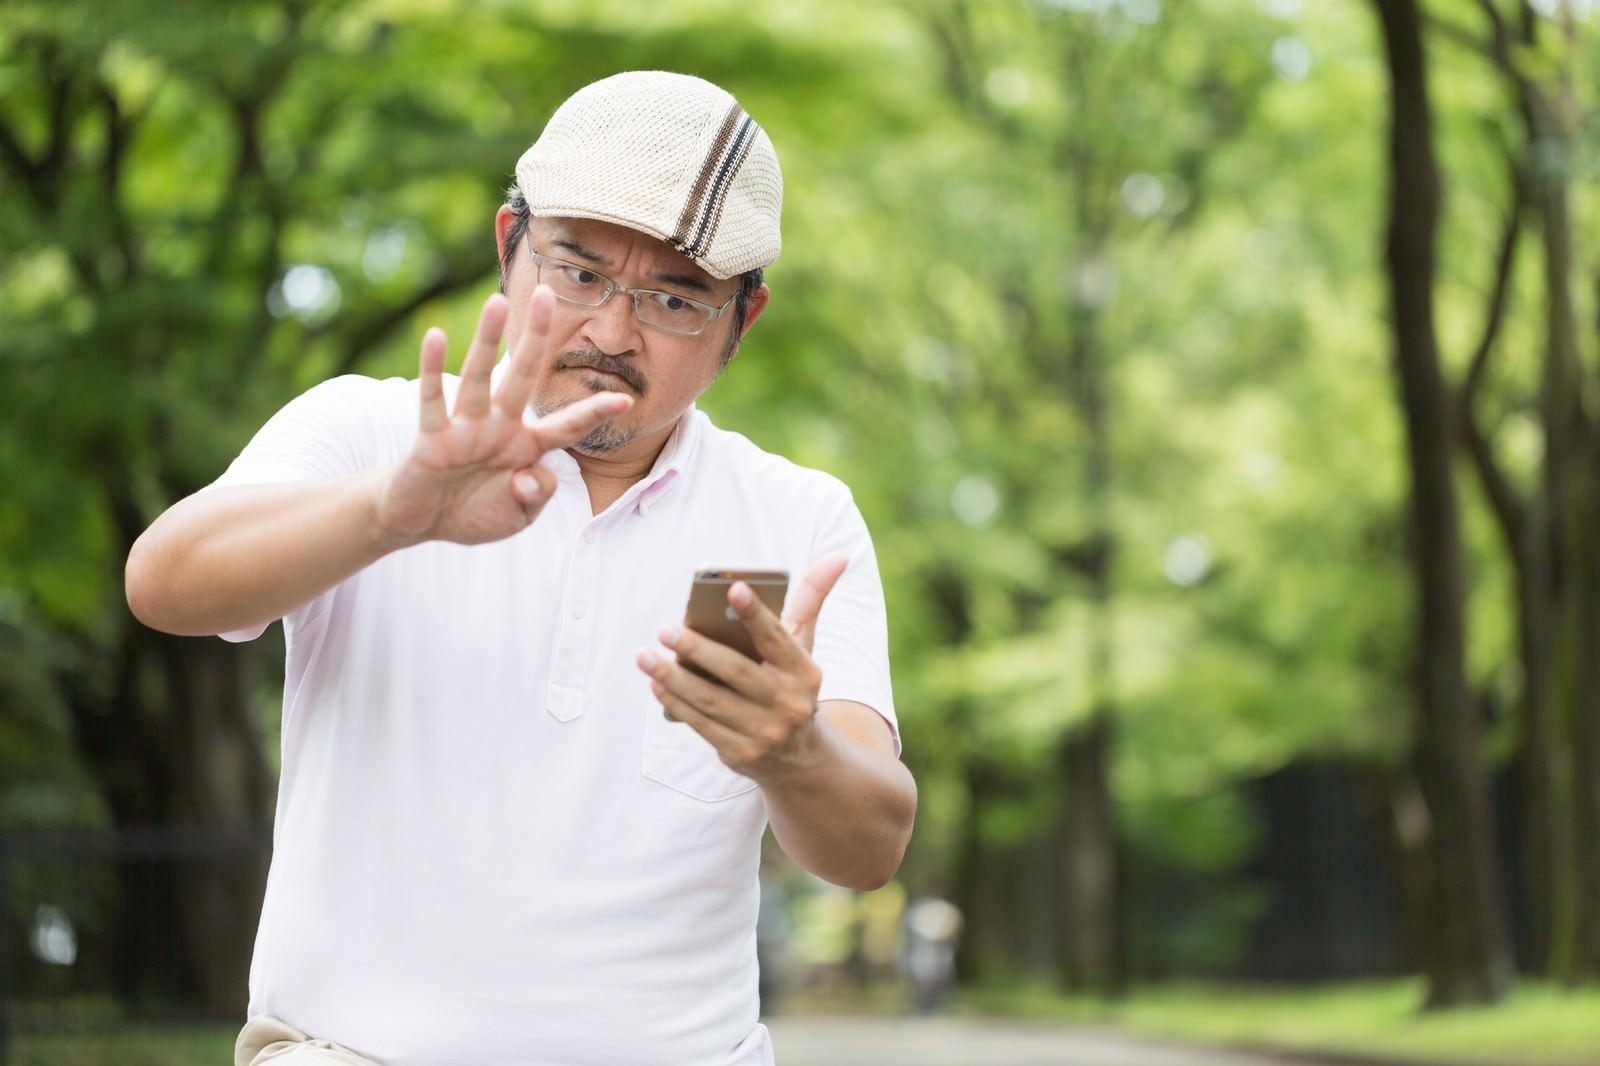 「何度投げても捕まえられない!スマートフォンのゲームに夢中なお父さん何度投げても捕まえられない!スマートフォンのゲームに夢中なお父さん」[モデル:ナリシゲ]のフリー写真素材を拡大